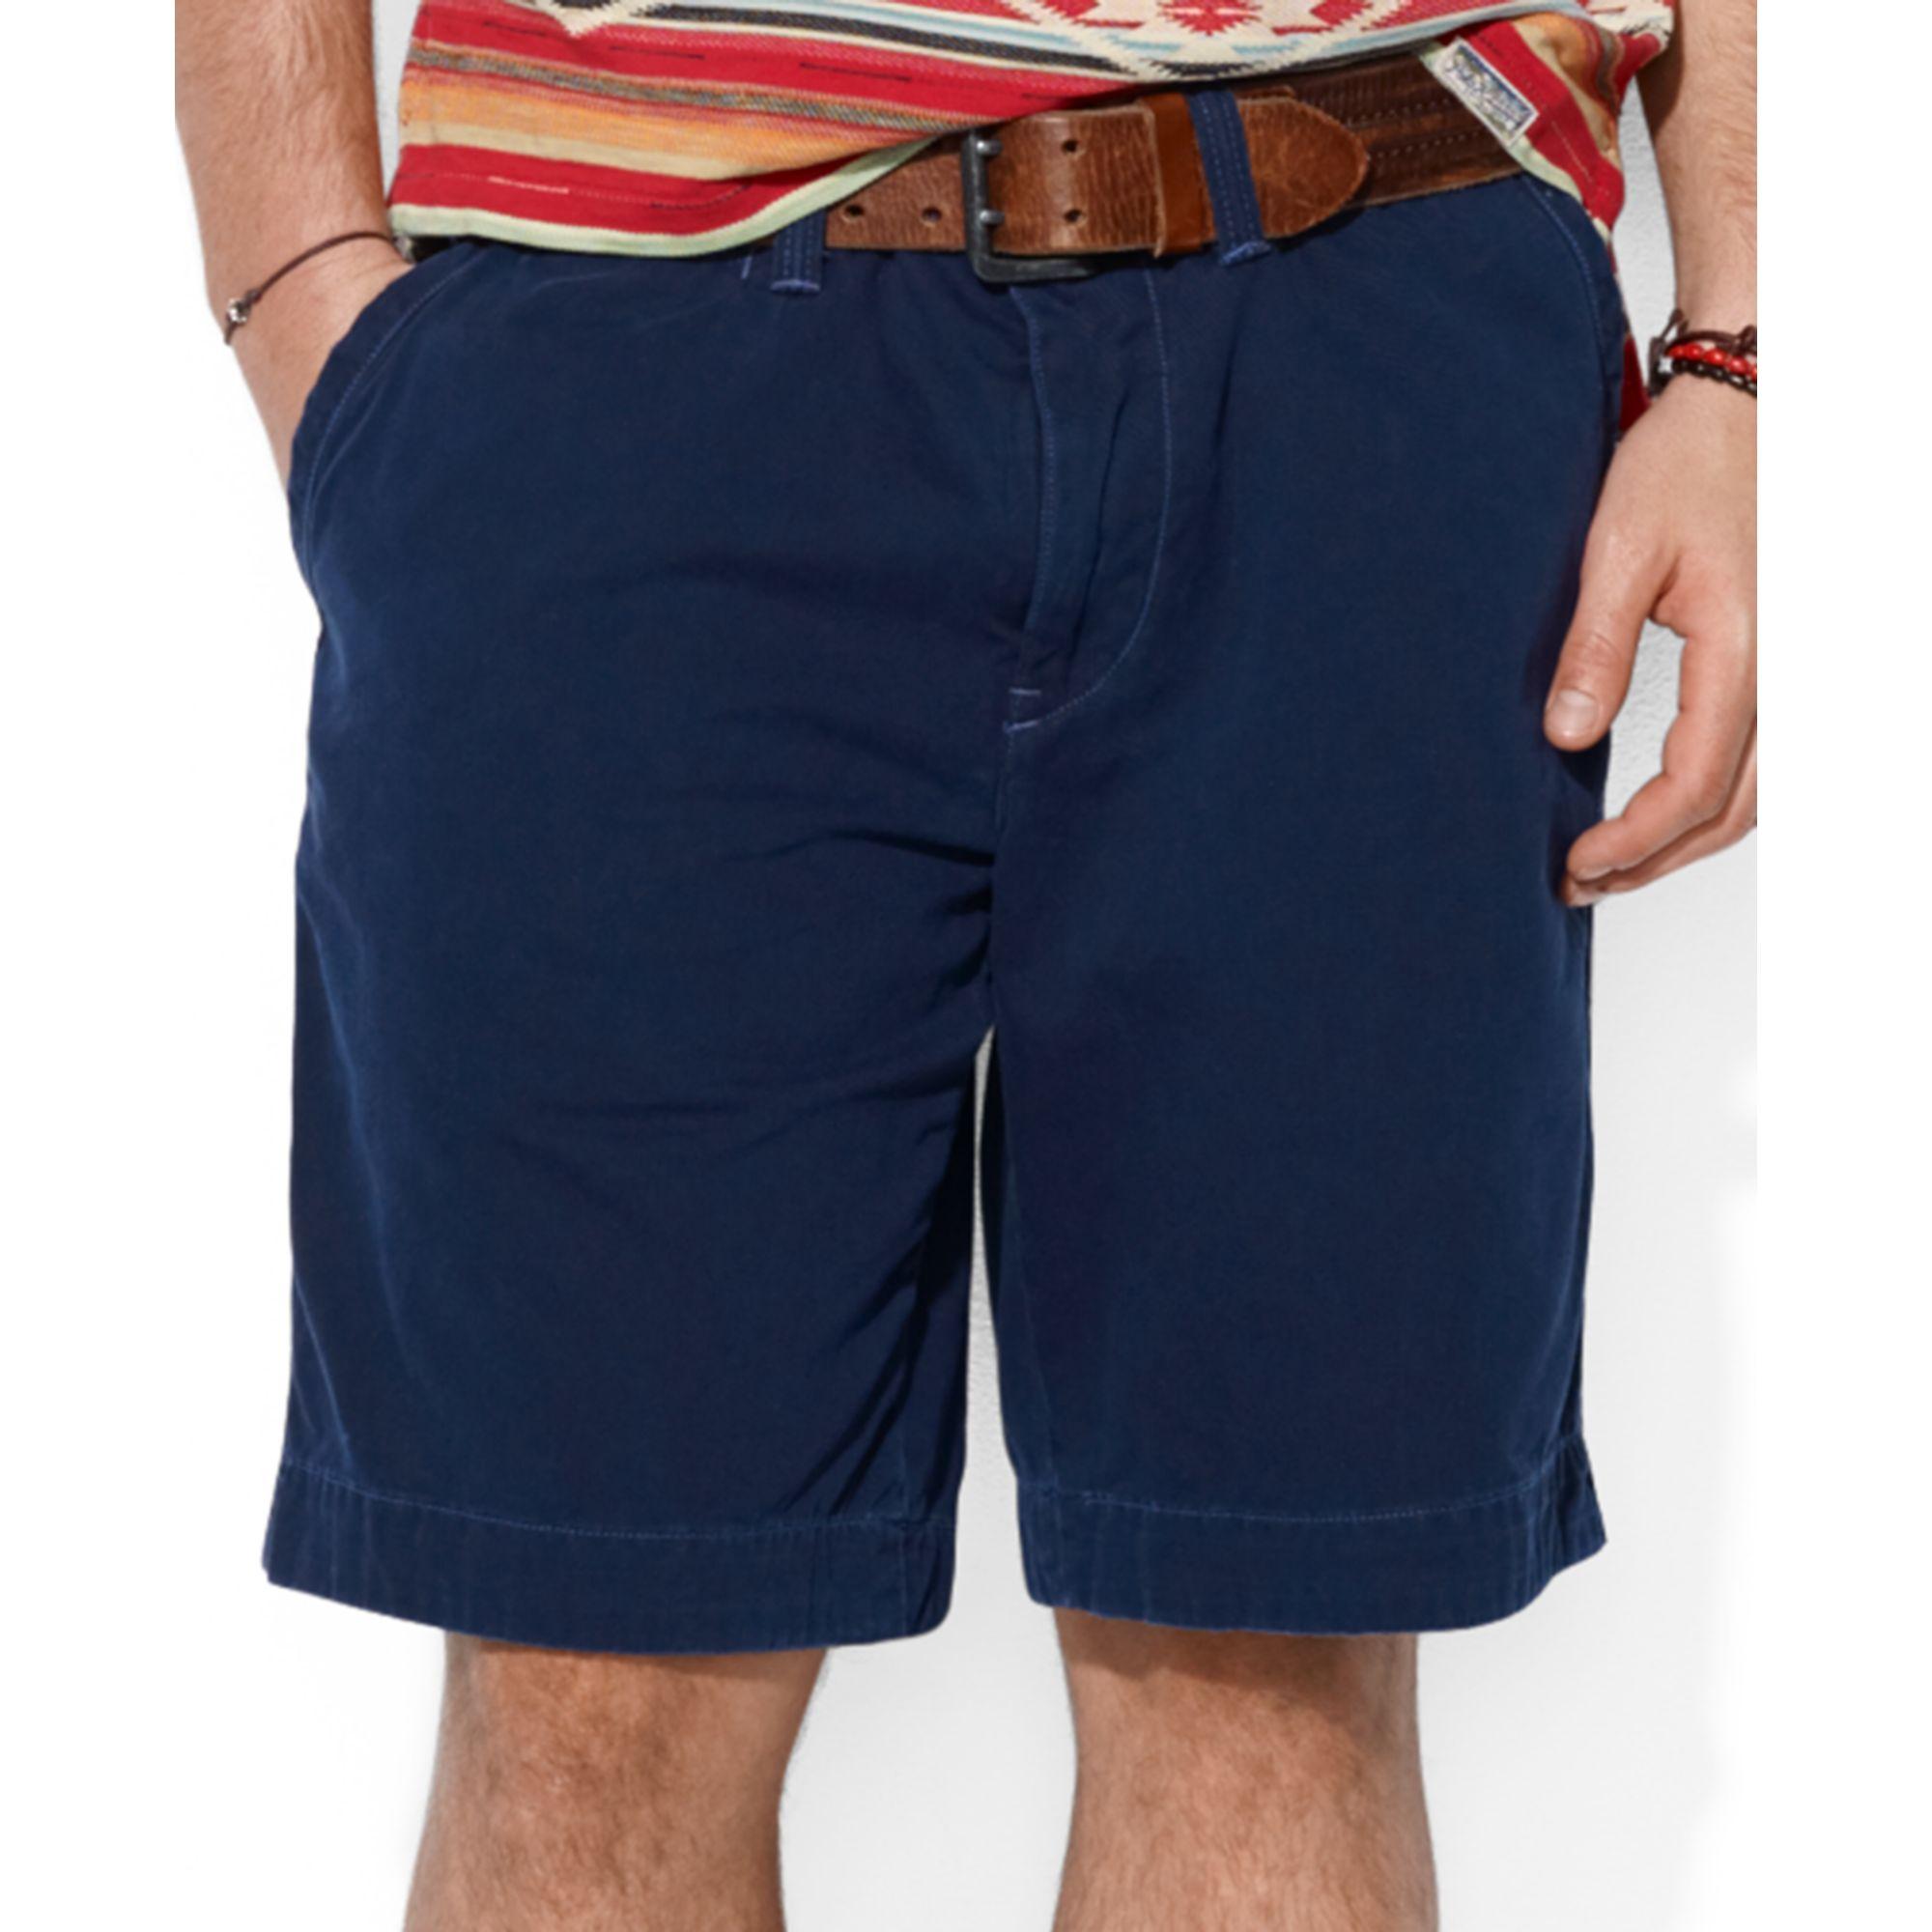 5a86dec51b8e2 Lyst - Ralph Lauren Polo Relaxed Fit Rugged Bleecker Shorts in Blue ...